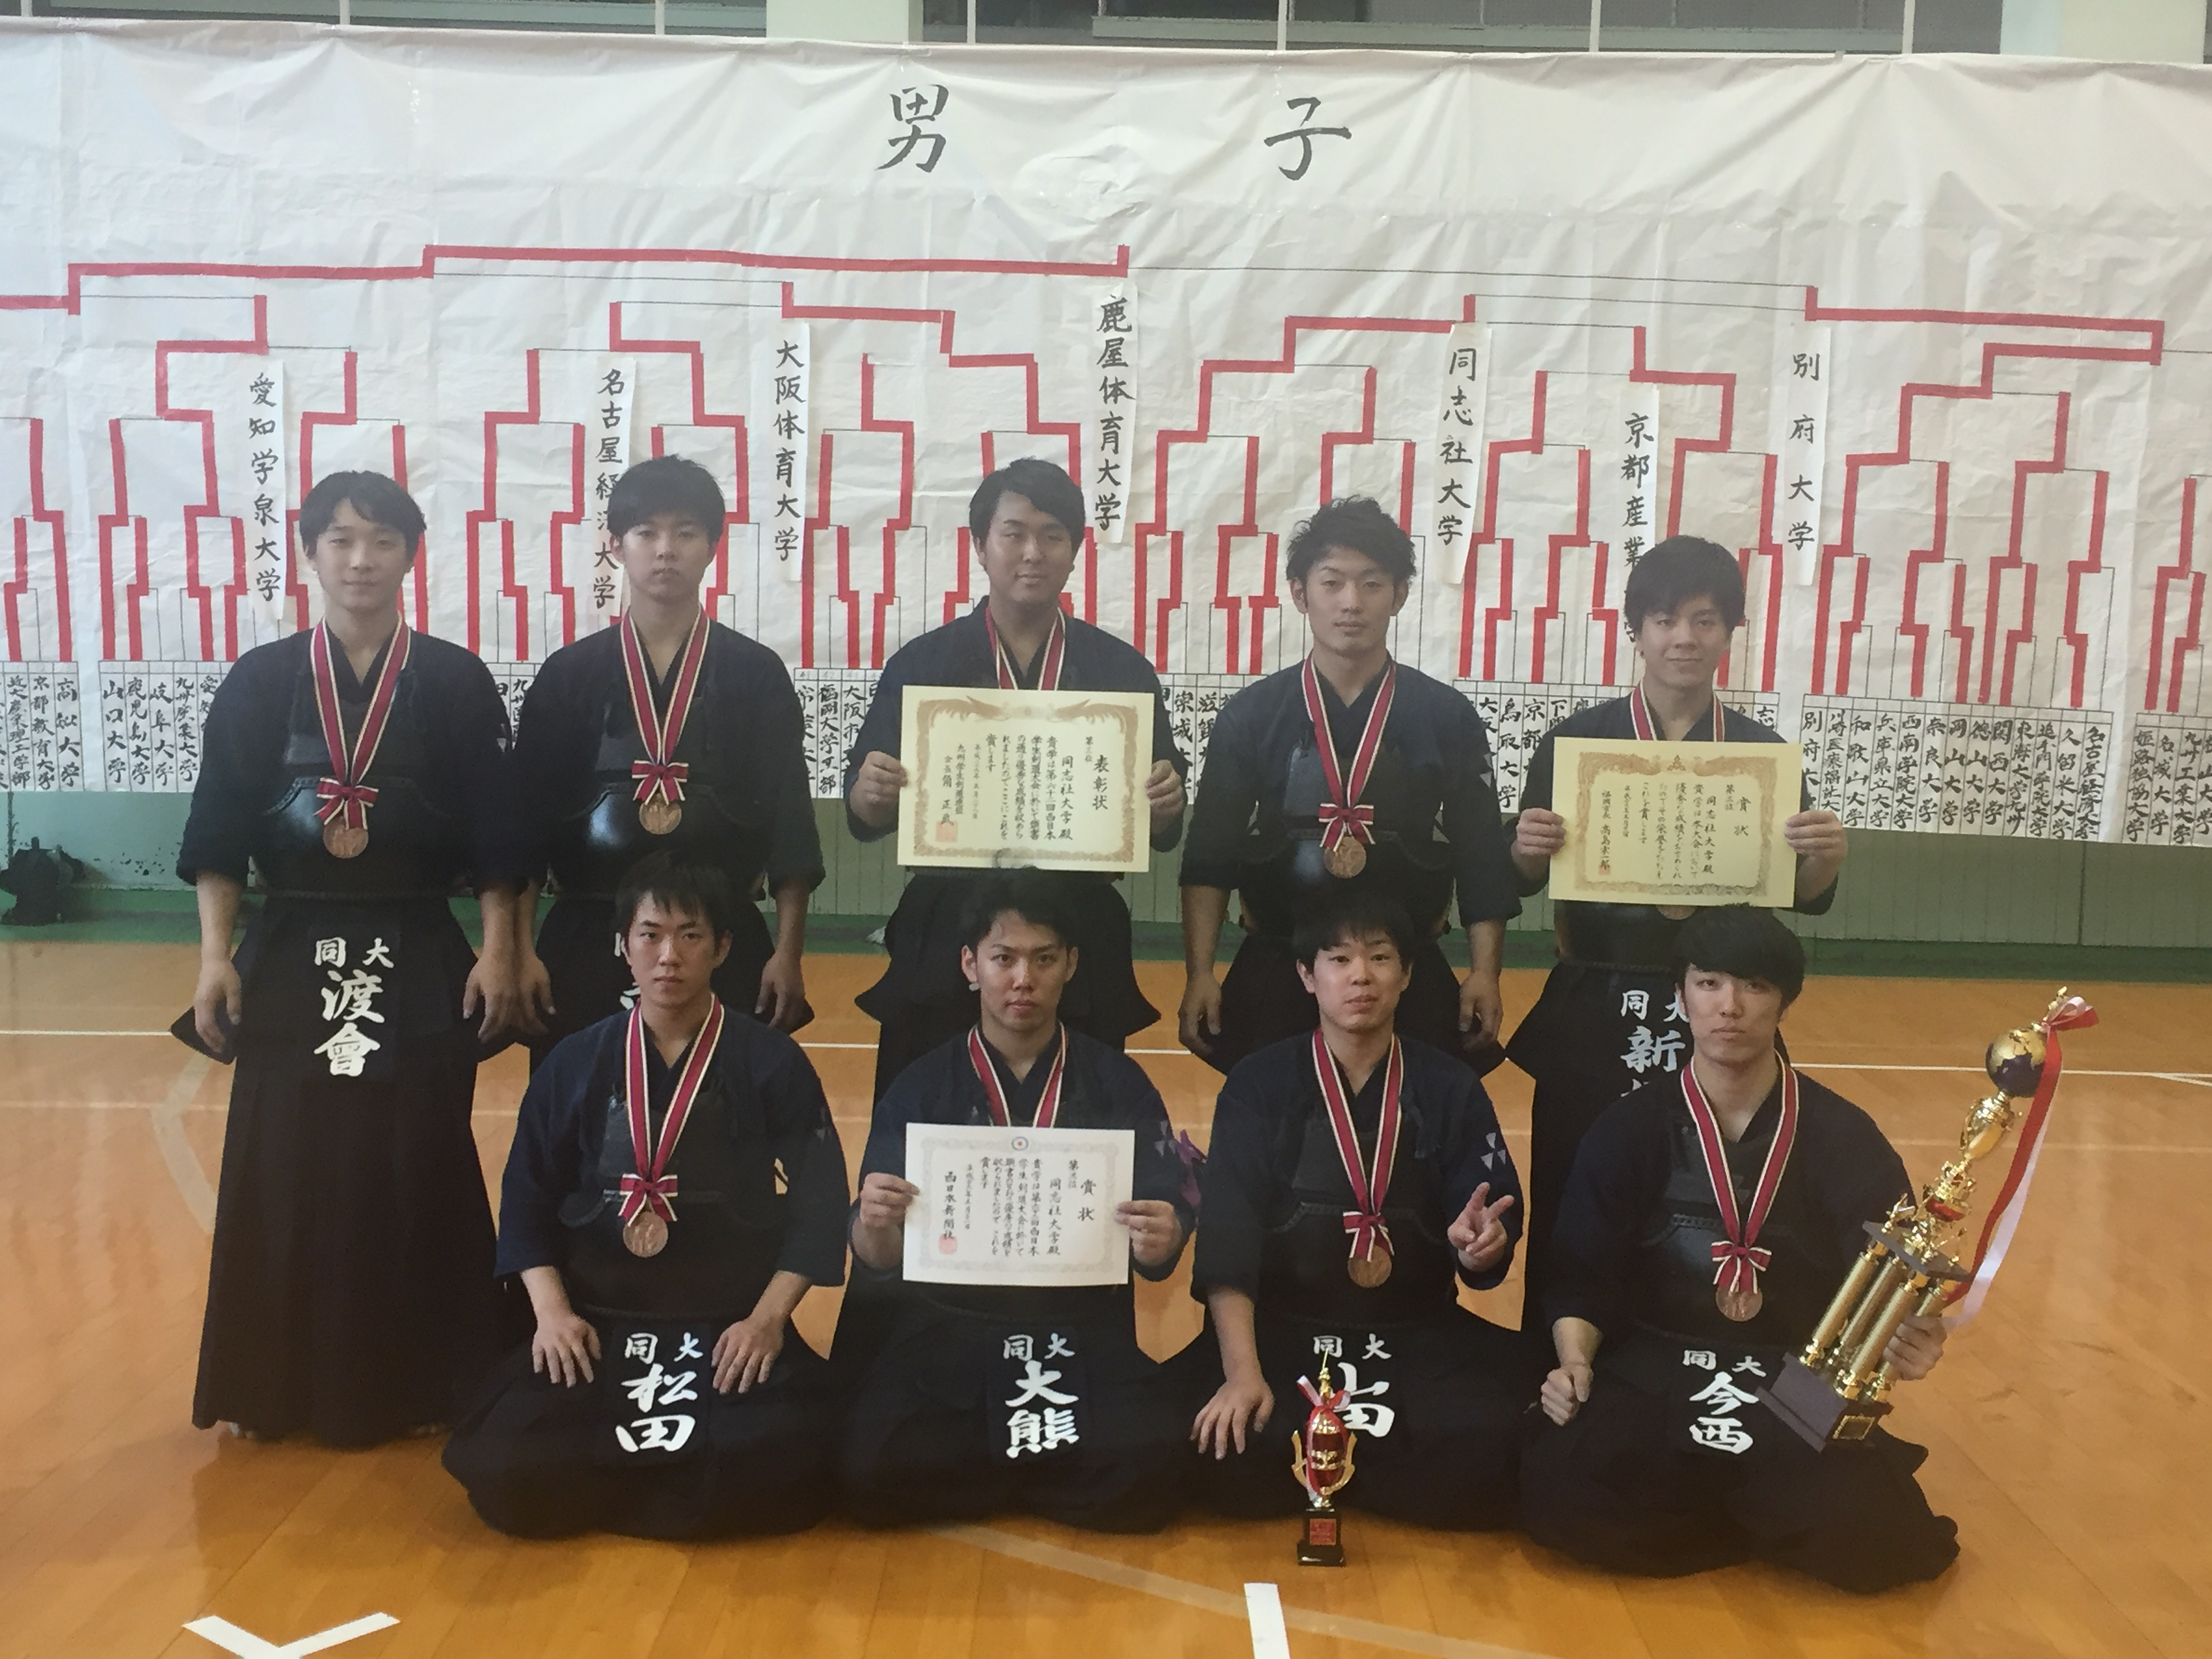 【結果報告】2017年西日本大会(2017.5.27-28)